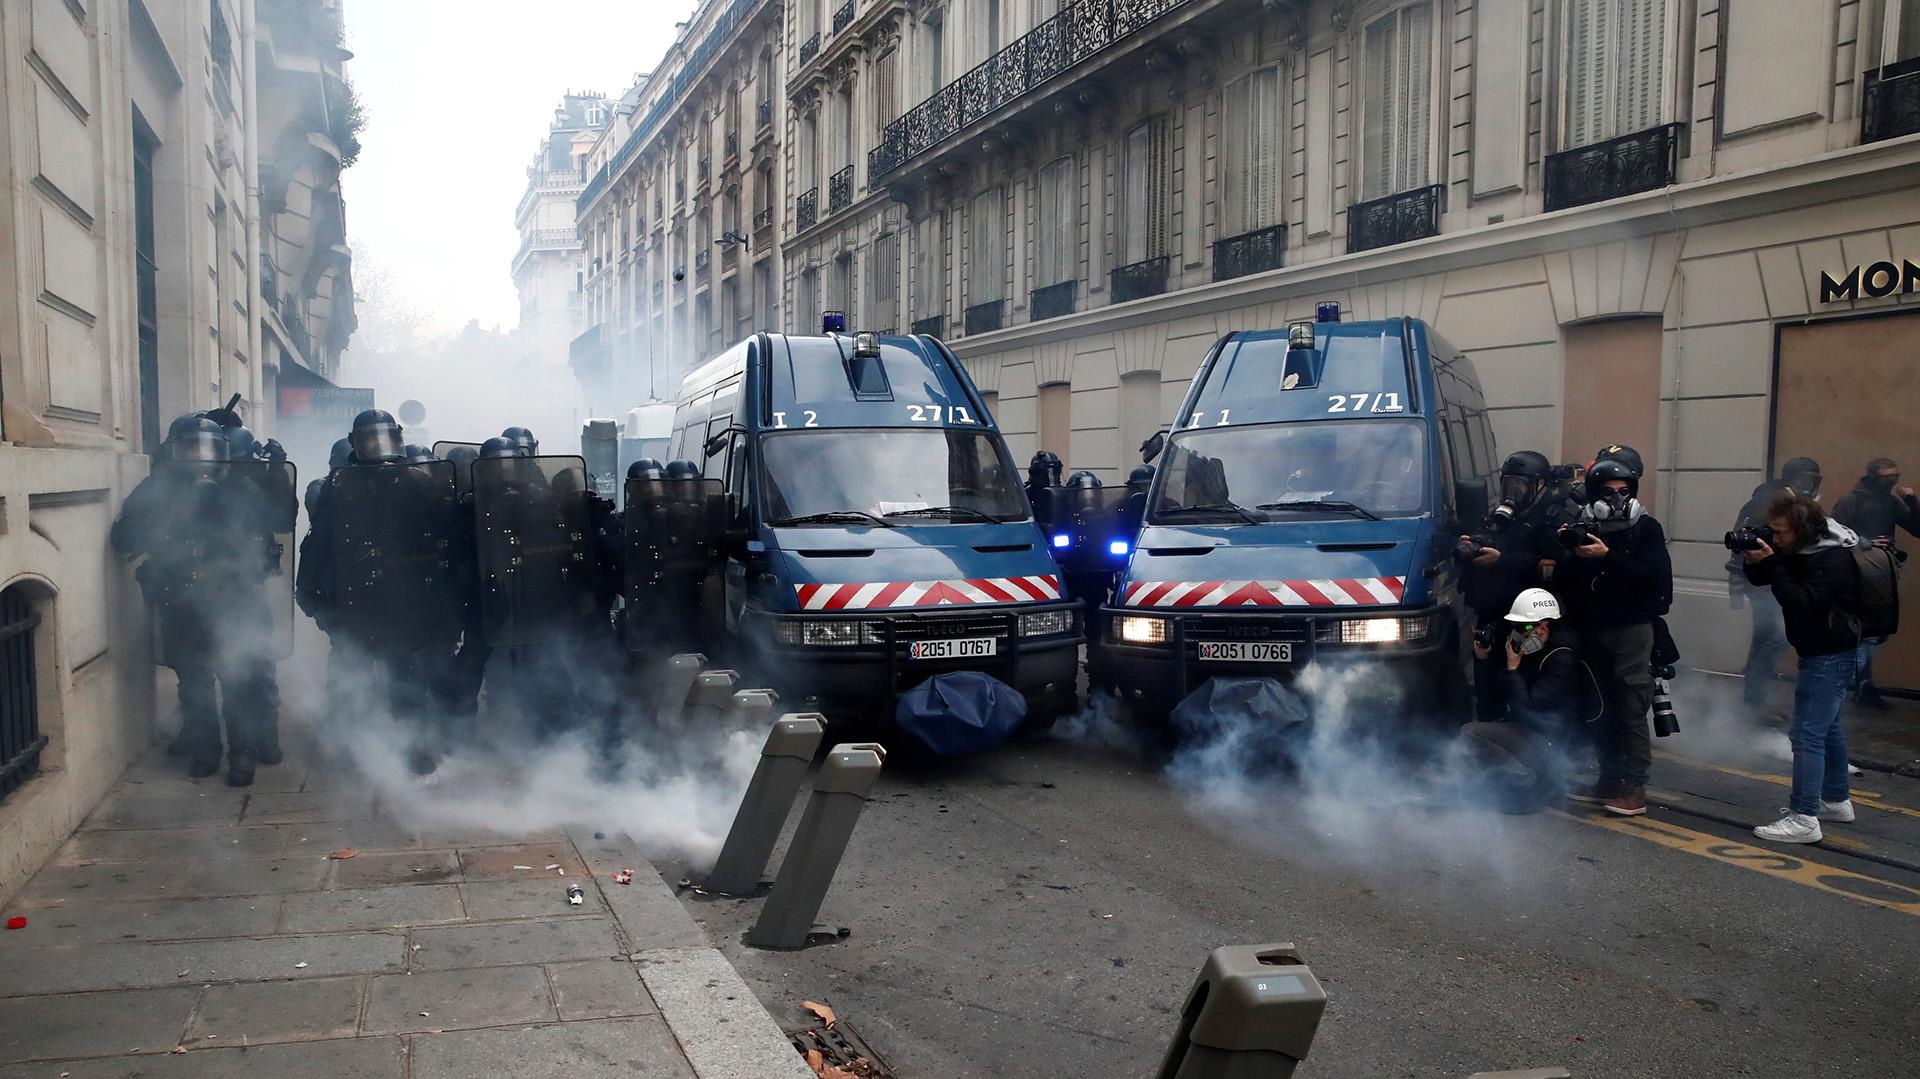 Esta ola de manifestaciones comenzó el 17 de noviembre en oposición a un aumento de los impuestos a los combustibles, pero en las últimas semanas se ha convertido en una protesta generalizada contra la política económica y social del gobierno (REUTERS/Christian Hartmann)